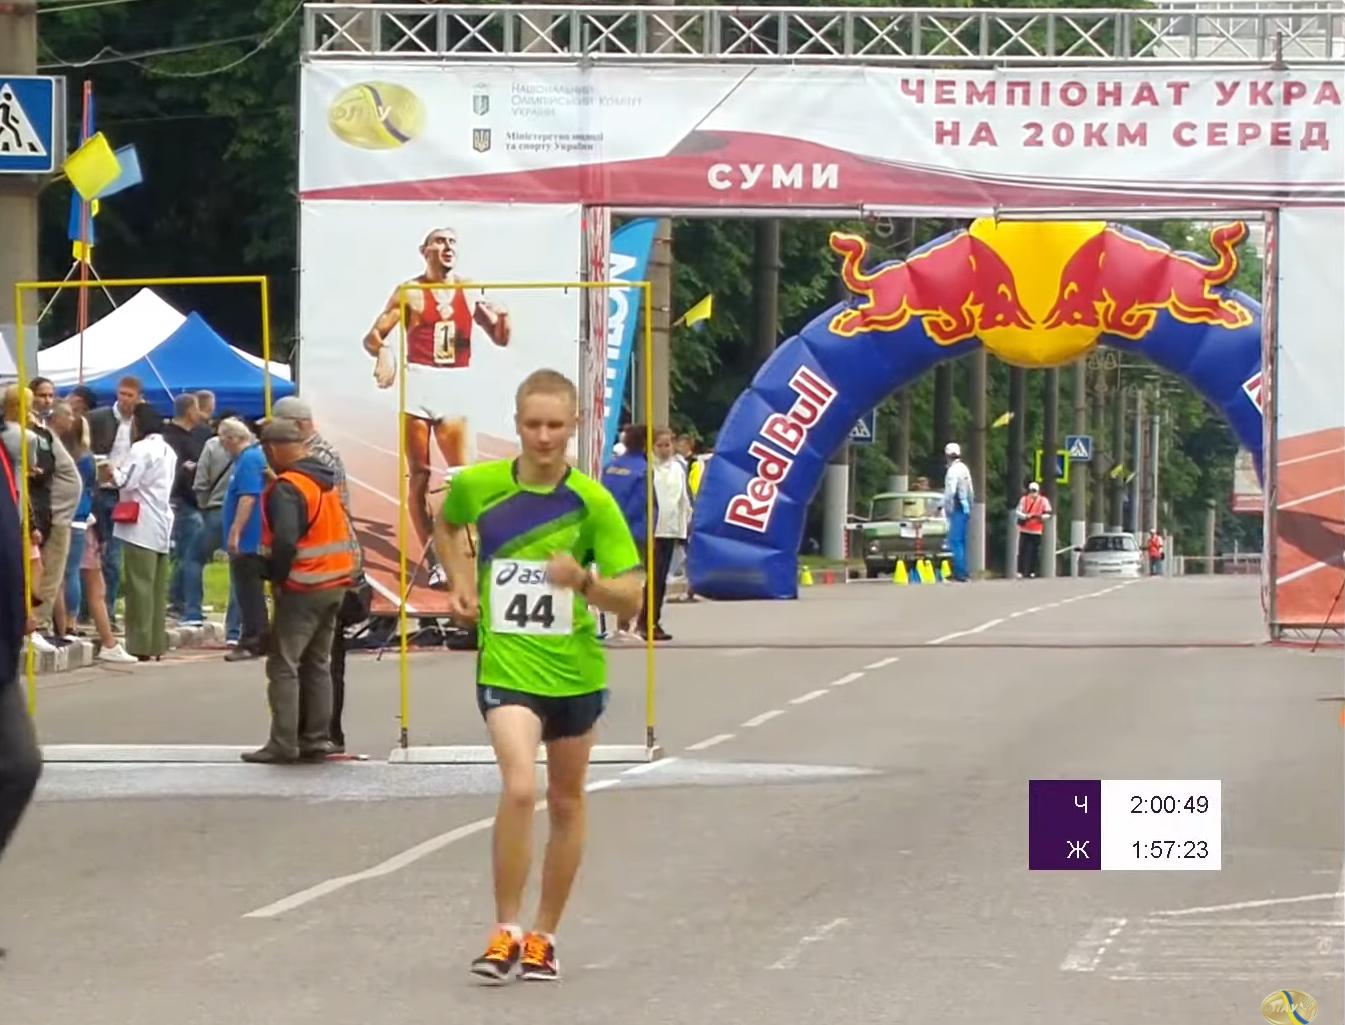 У Сумах провели чемпіонат України зі спортивної ходьби, фото-10